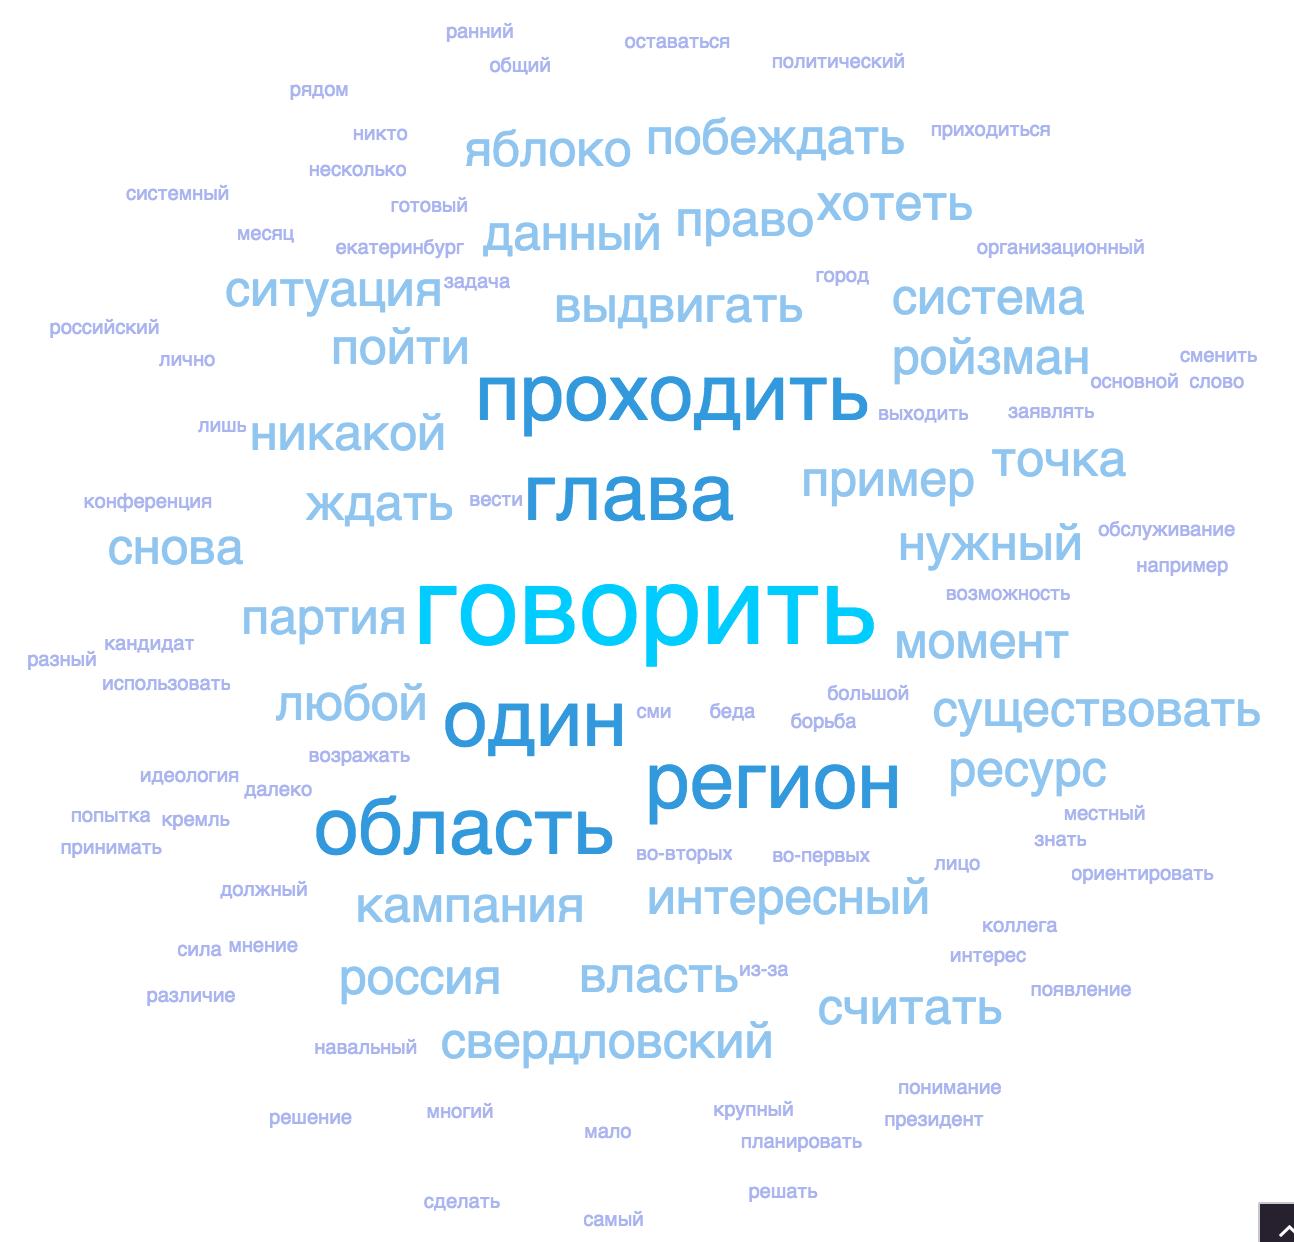 частотное облако канала ТФК из сообщений с фамилией Ройзман